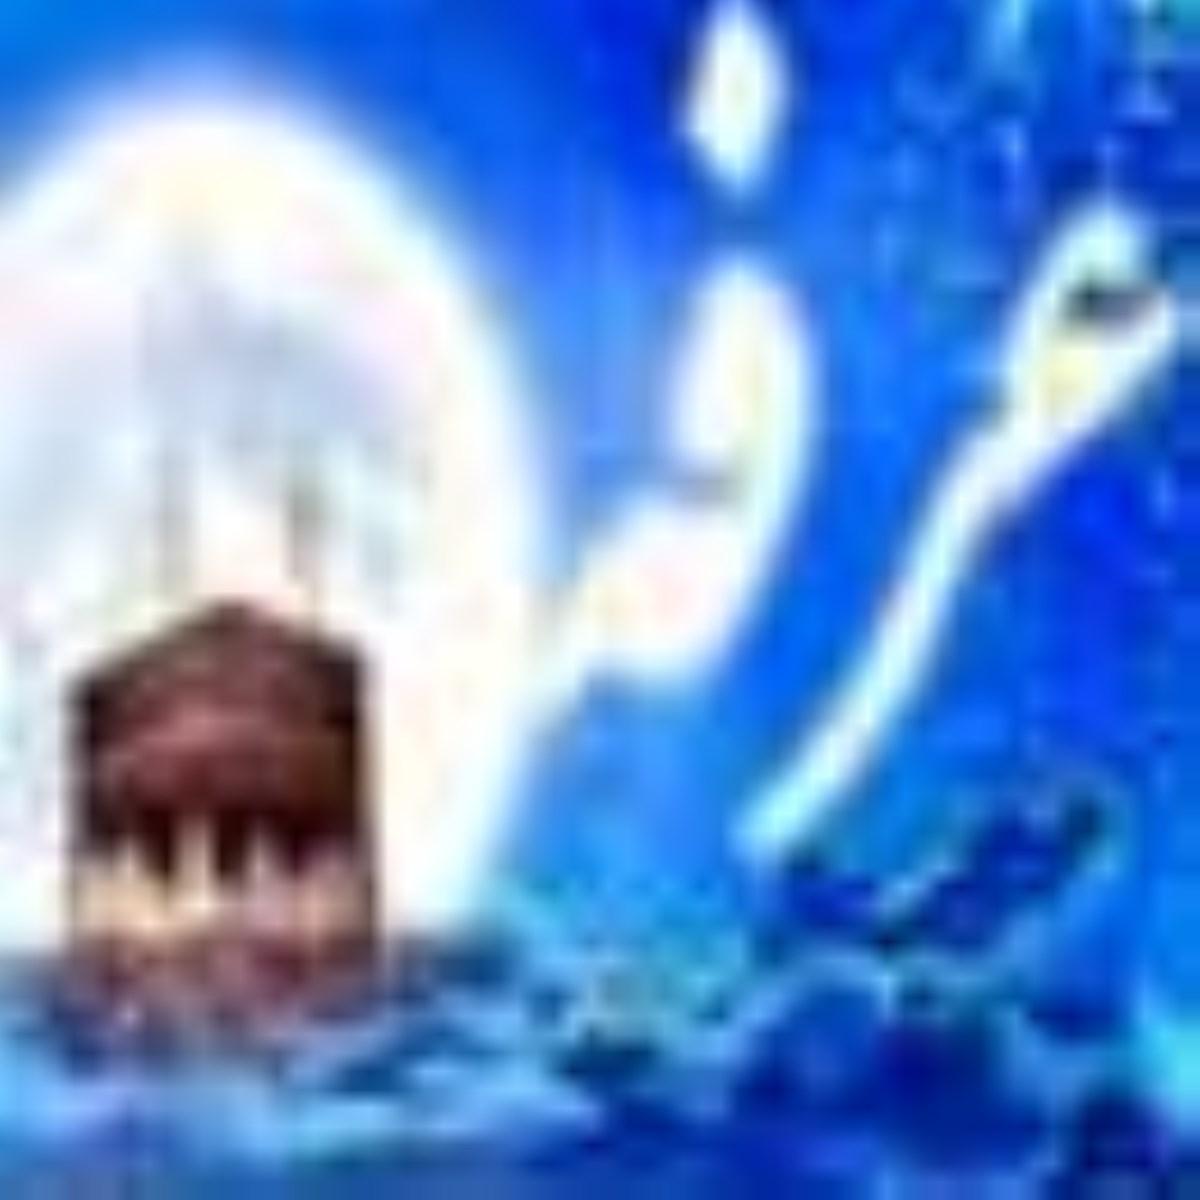 دل نوشته هایی به مناسبت روز عرفه(2)